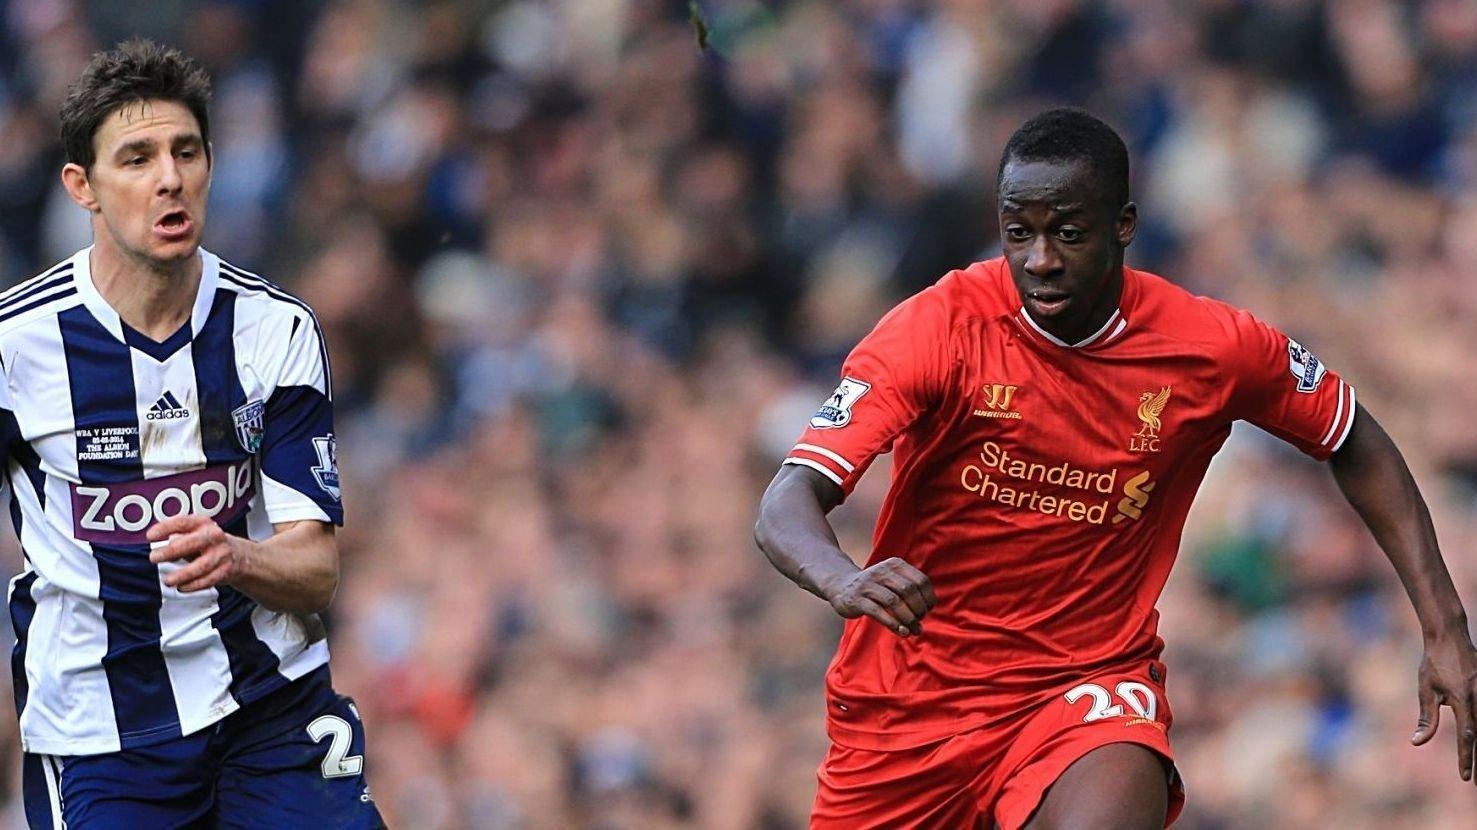 FERDIG: Aly Cissokho fortsetter ikke i Liverpool.